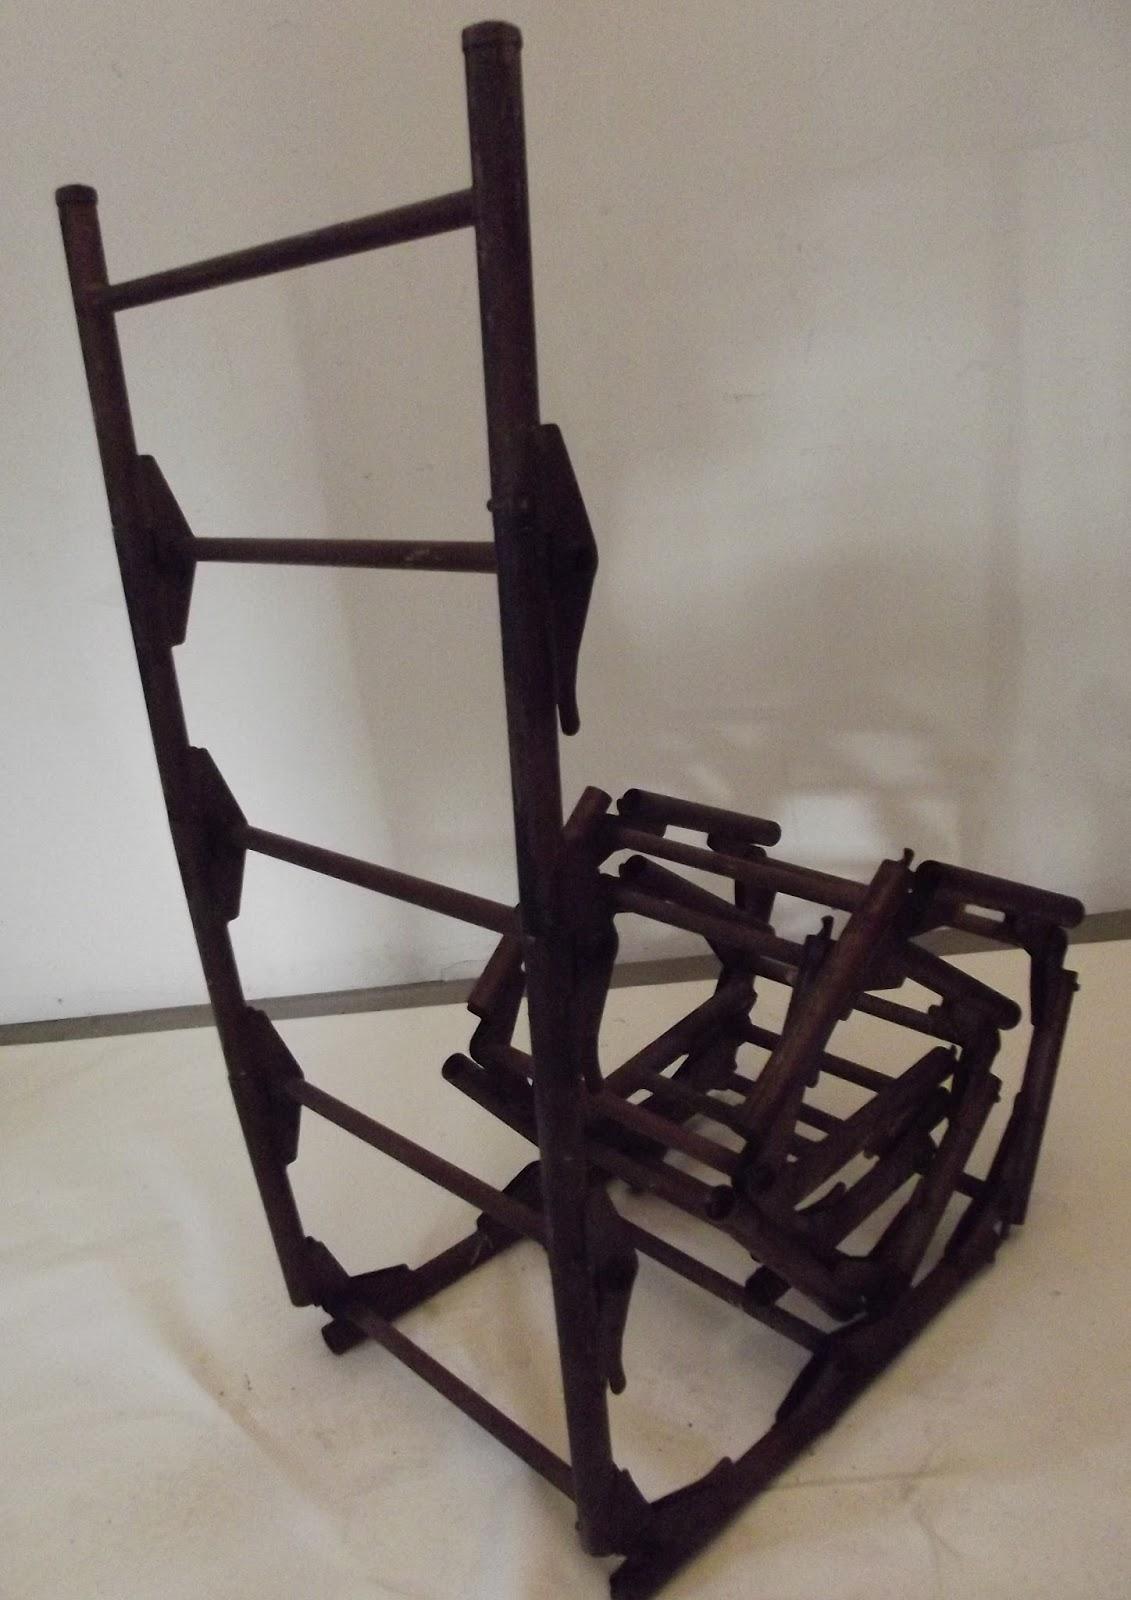 ancienne chelle m tal pliante pliable t lescopique atelier loft. Black Bedroom Furniture Sets. Home Design Ideas